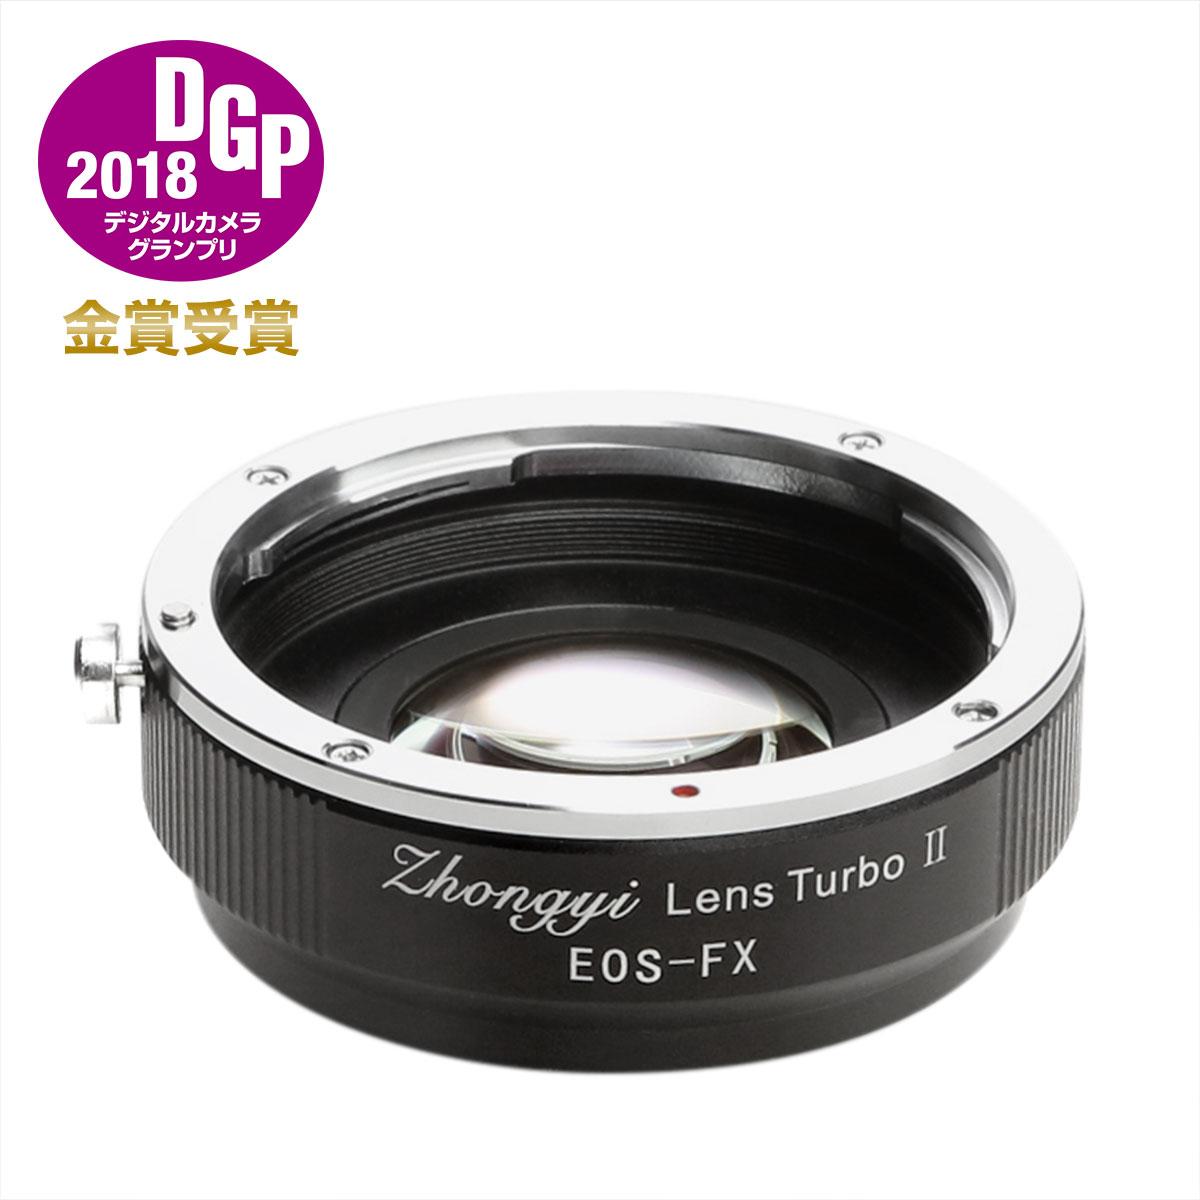 中一光学 Lens Turbo II EF-FX キヤノンEFマウントレンズ - 富士フィルムXマウント フォーカルレデューサーアダプター